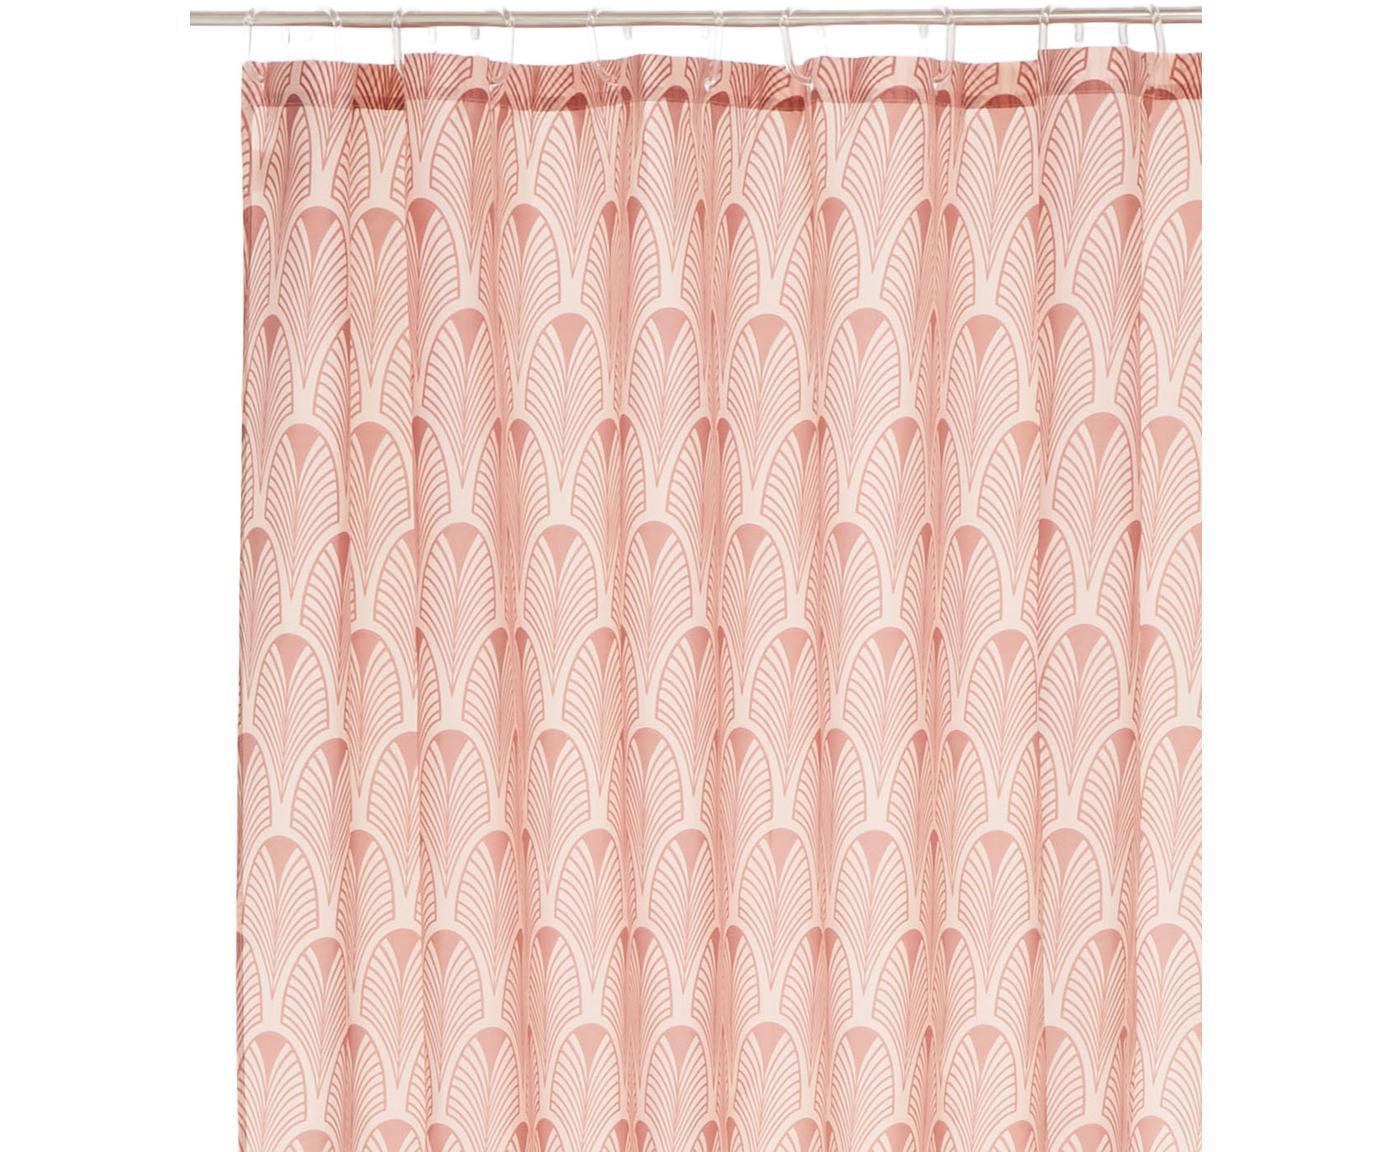 Zasłona prysznicowa Ashville, 100 % poliester z nadrukiem cyfrowym Odporny na wilgoć, nie wodoodporny, Różowy, S 180 x D 200 cm